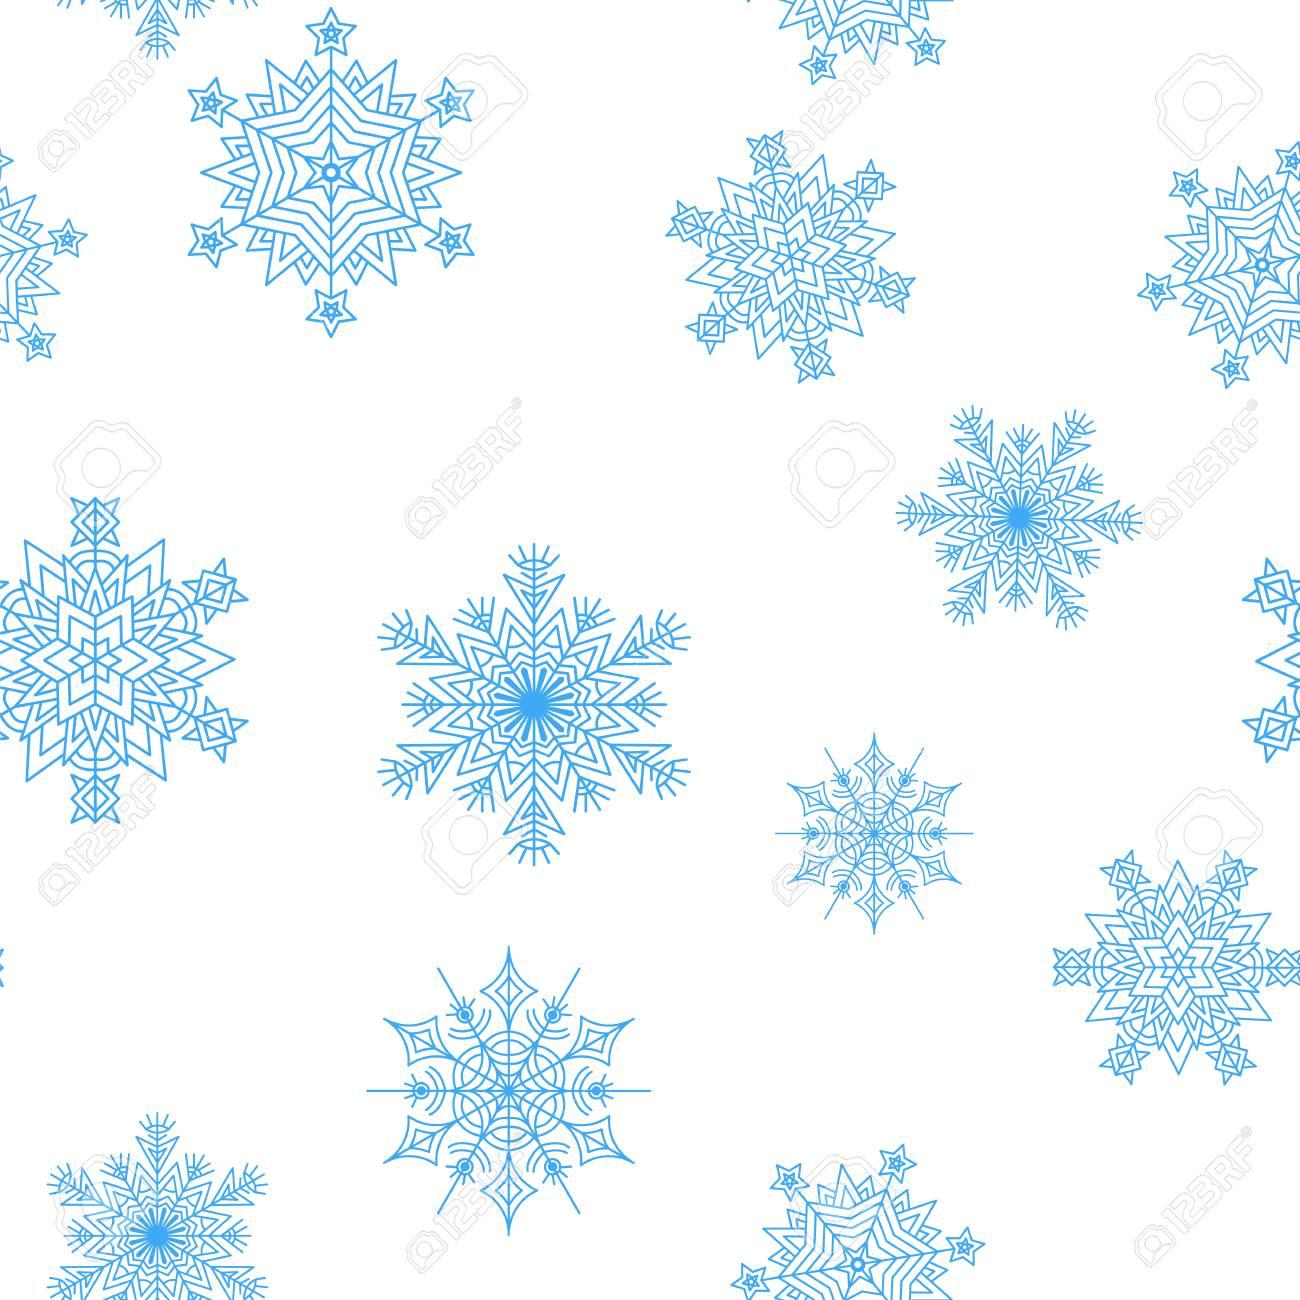 Schneeflocken Nahtlose Muster Für Weihnachten Verpackung Textilien ...